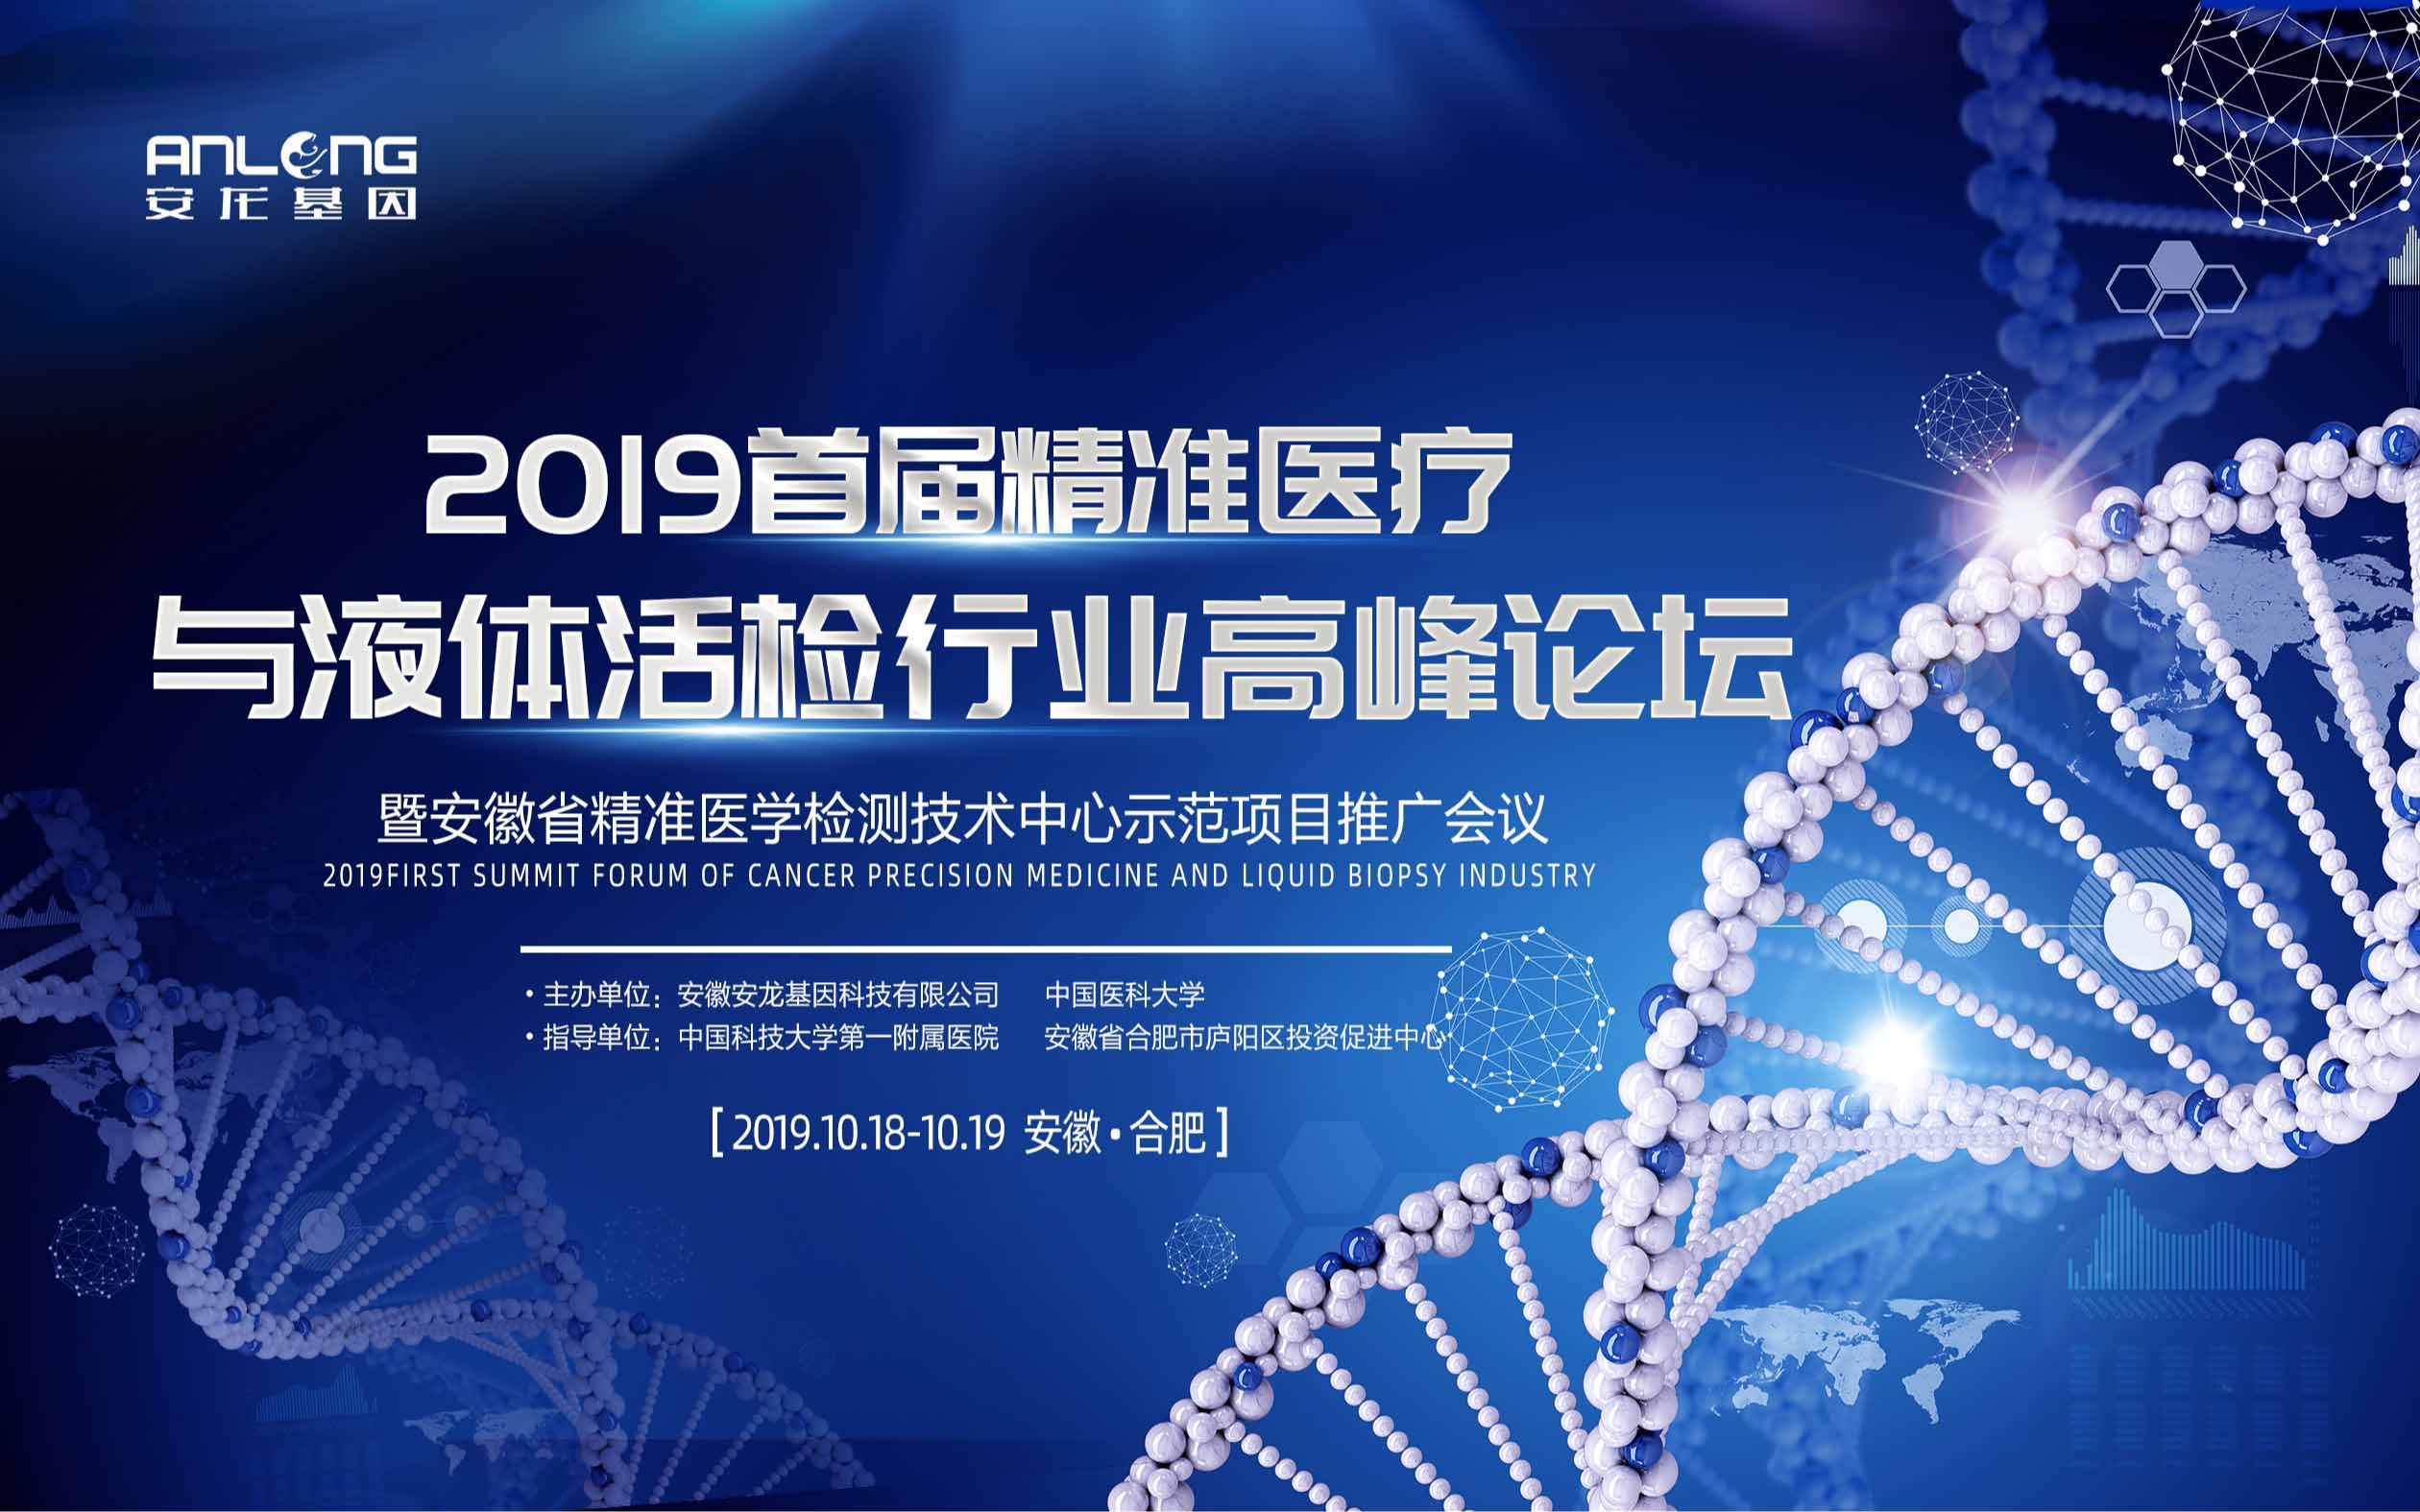 2019年有哪些精准医疗会议 近期精准医疗行业跑会指南